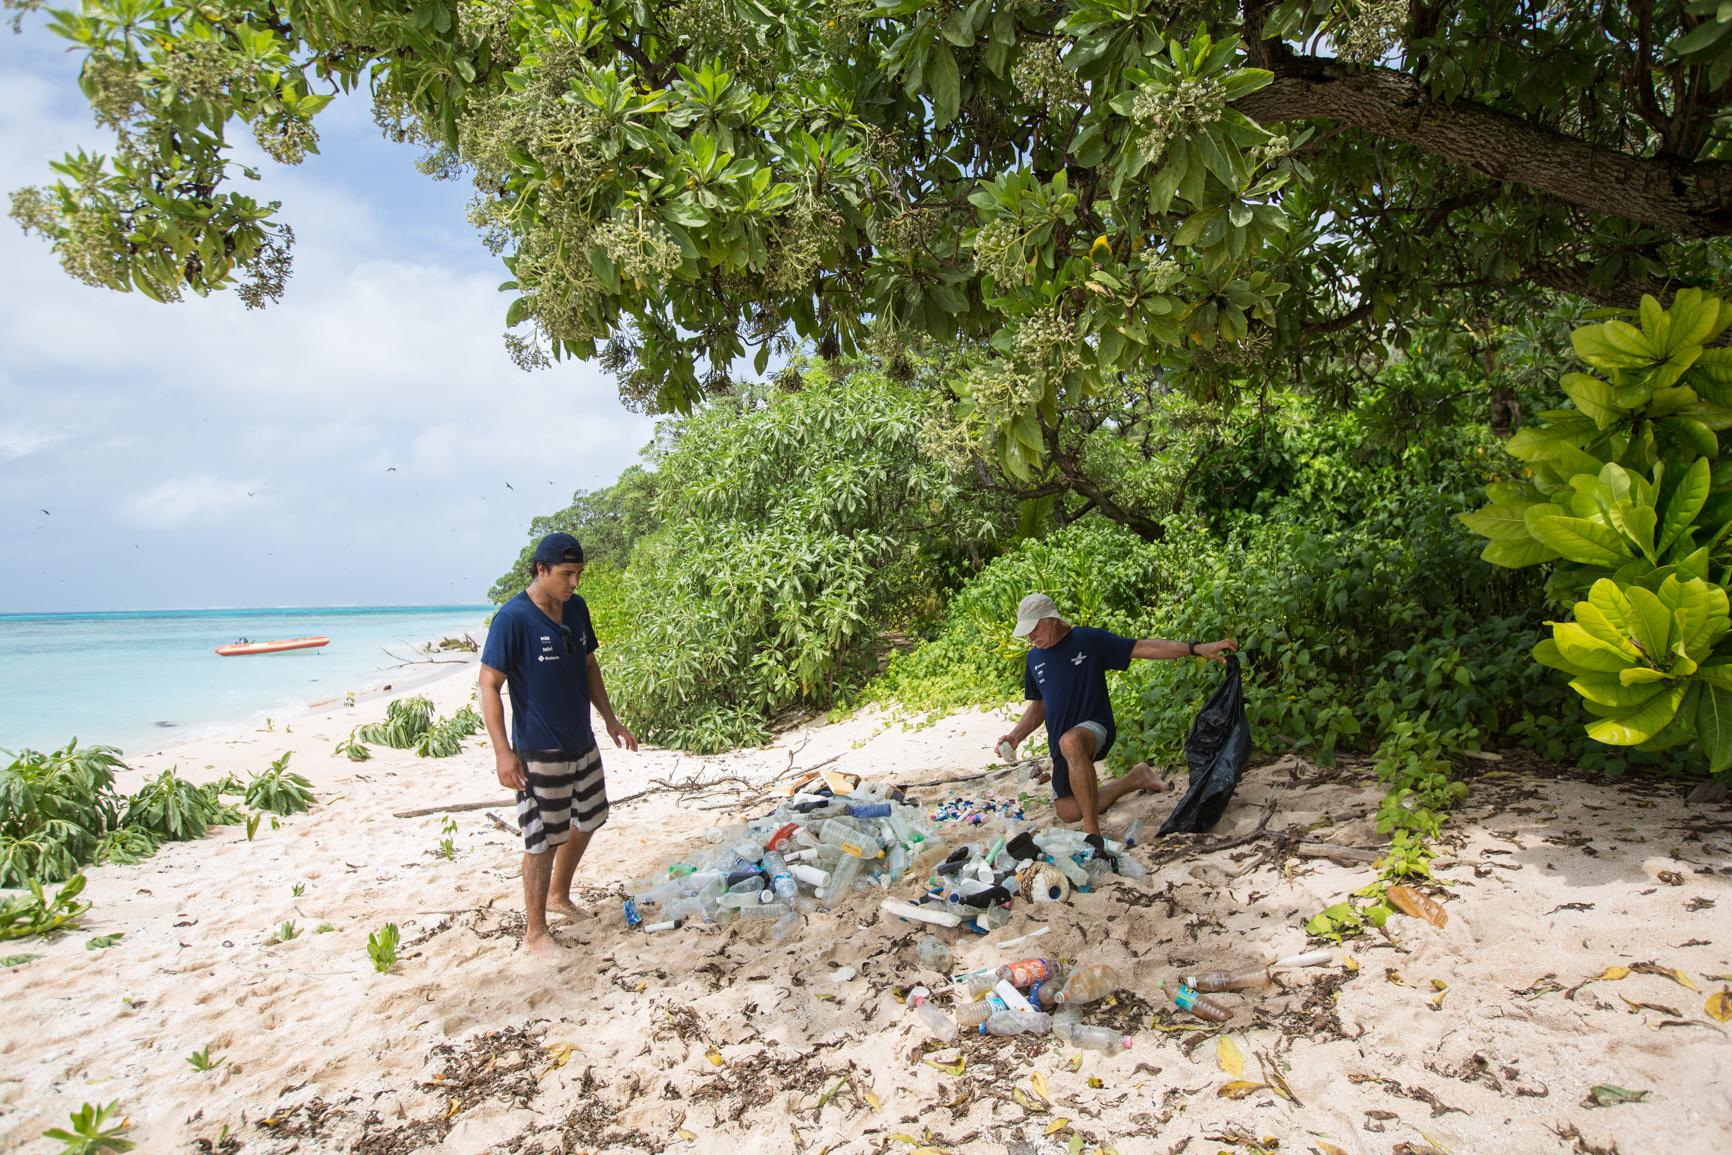 Em sua passagem pela ilha West Fayu, a família Schurmann, pode constatar os efeitos devastadores do plástico. Foto: Divulgação.